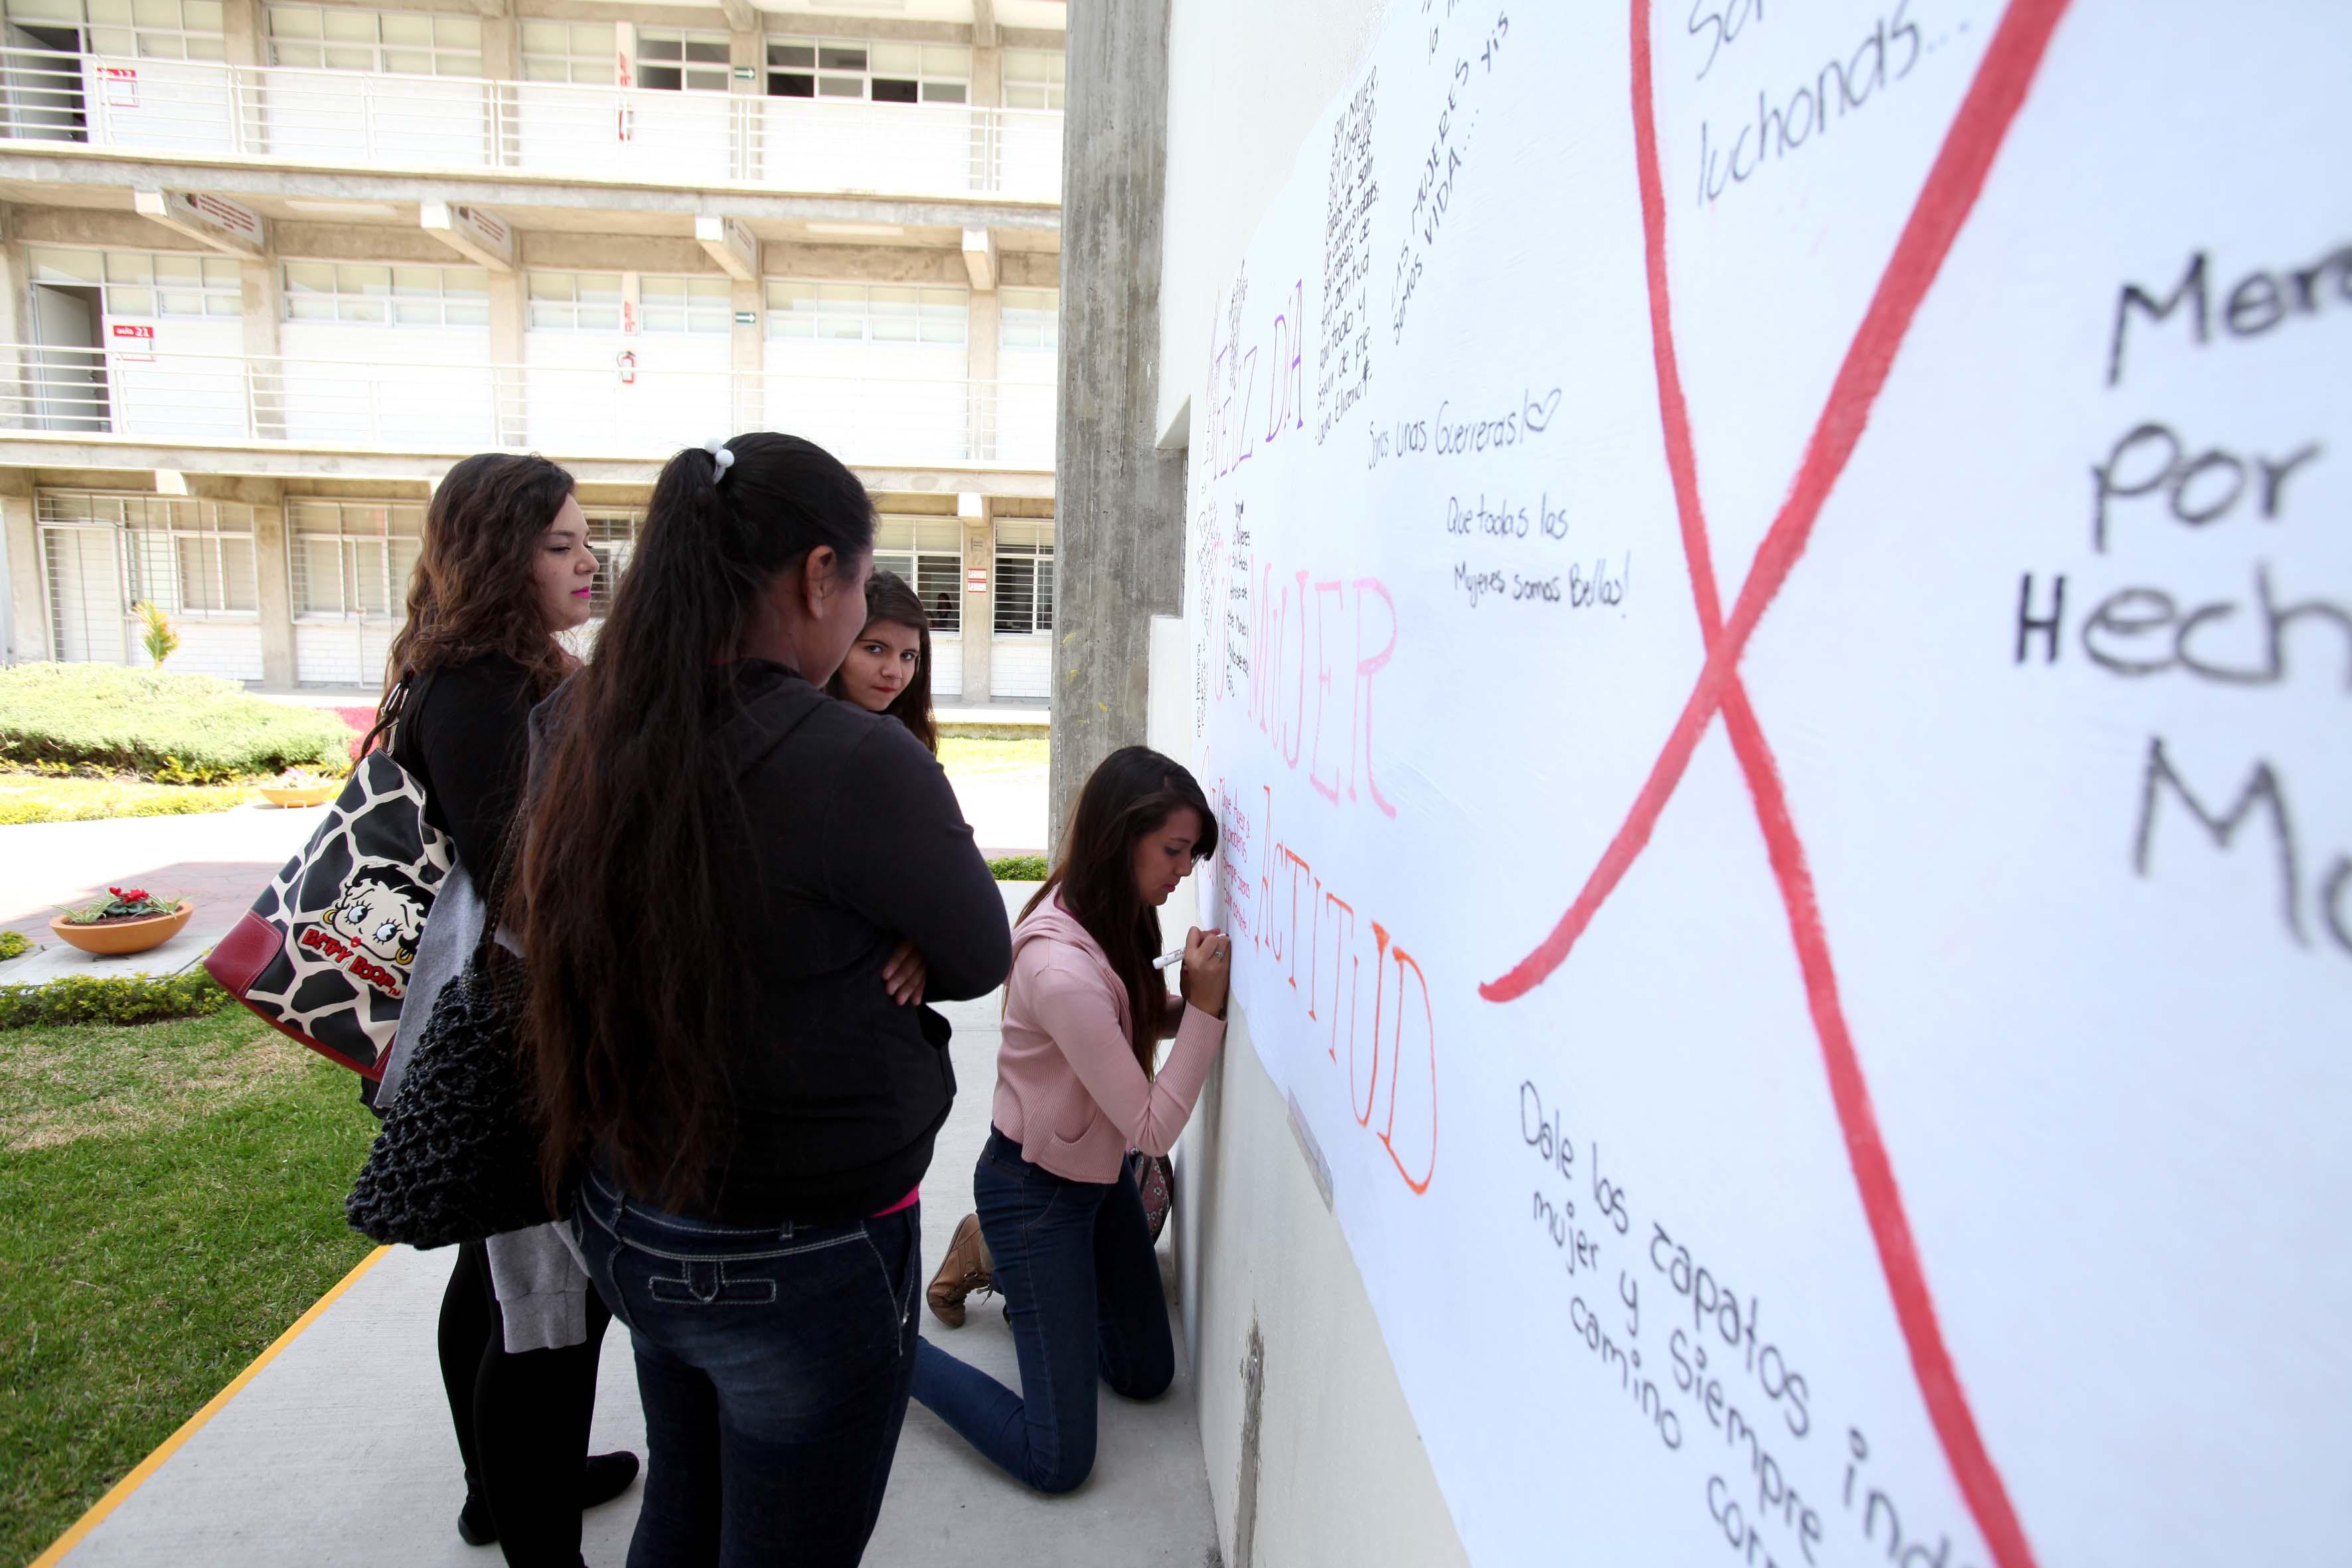 Alumnas del SEMS expresando sus ideas en un cartel sobre el dia internacional de la mujer